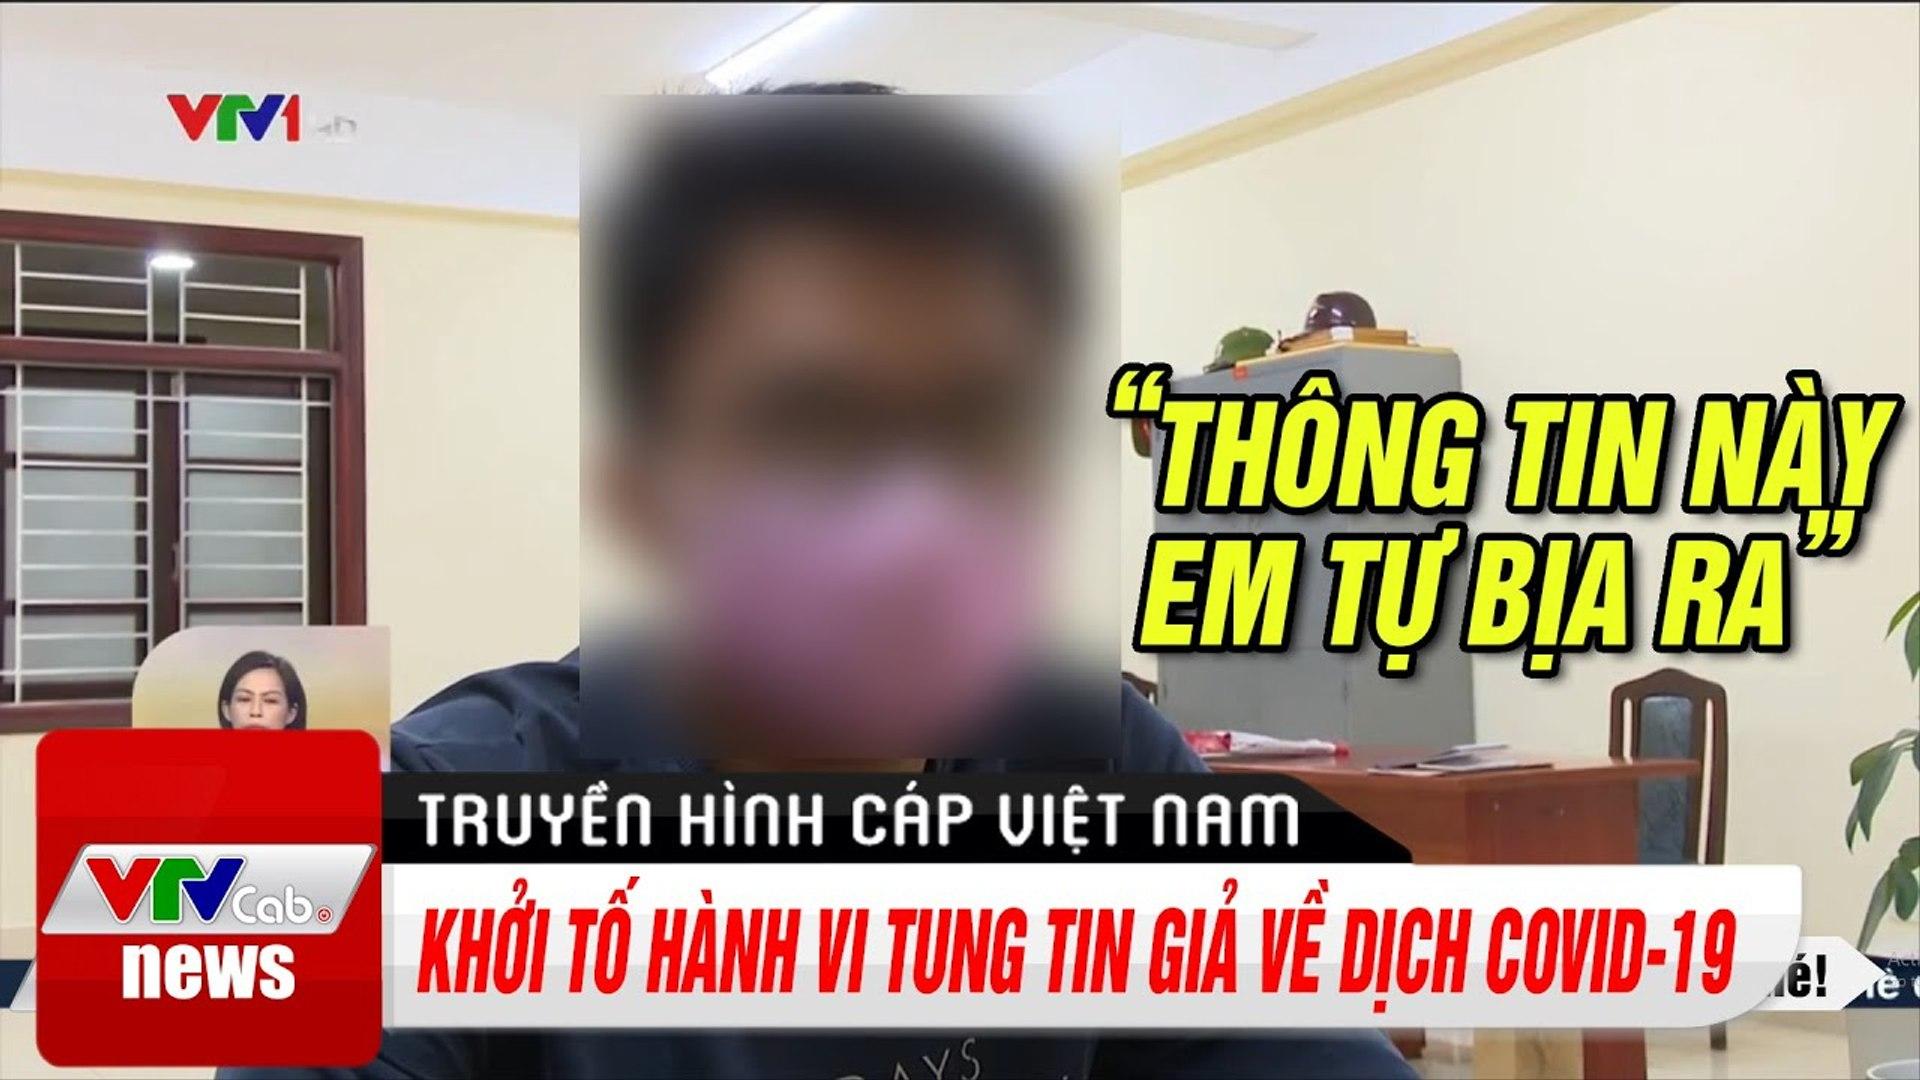 Cập Nhật Tin Tức: Khởi tố hành vi tung tin giả về dịch Covid-19 | Thời Sự VTV1 Hôm Nay